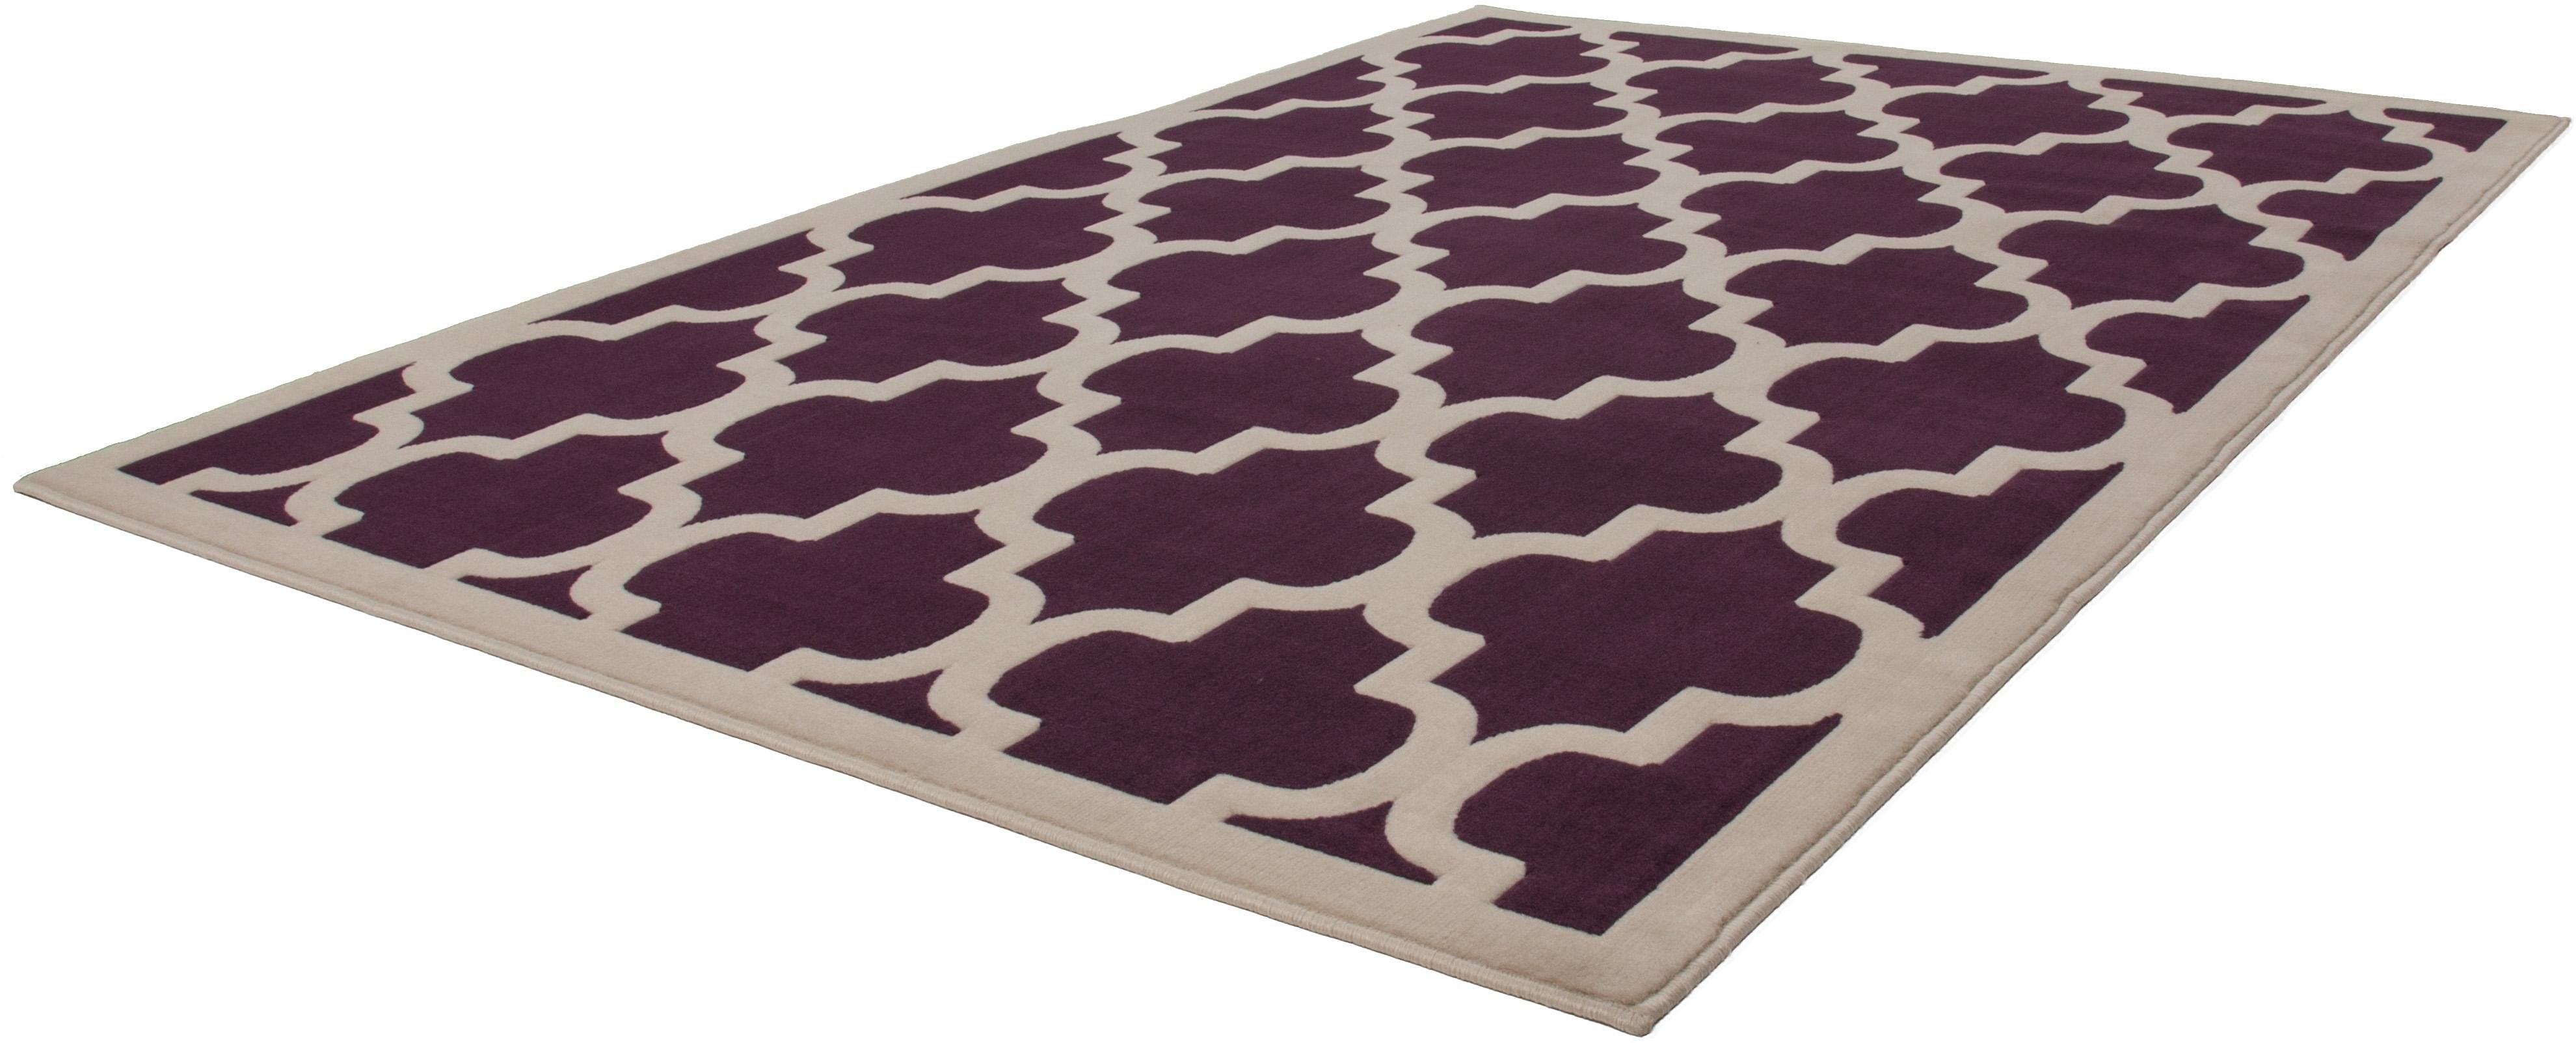 Teppich Manolya 2097 Kayoom rechteckig Höhe 10 mm